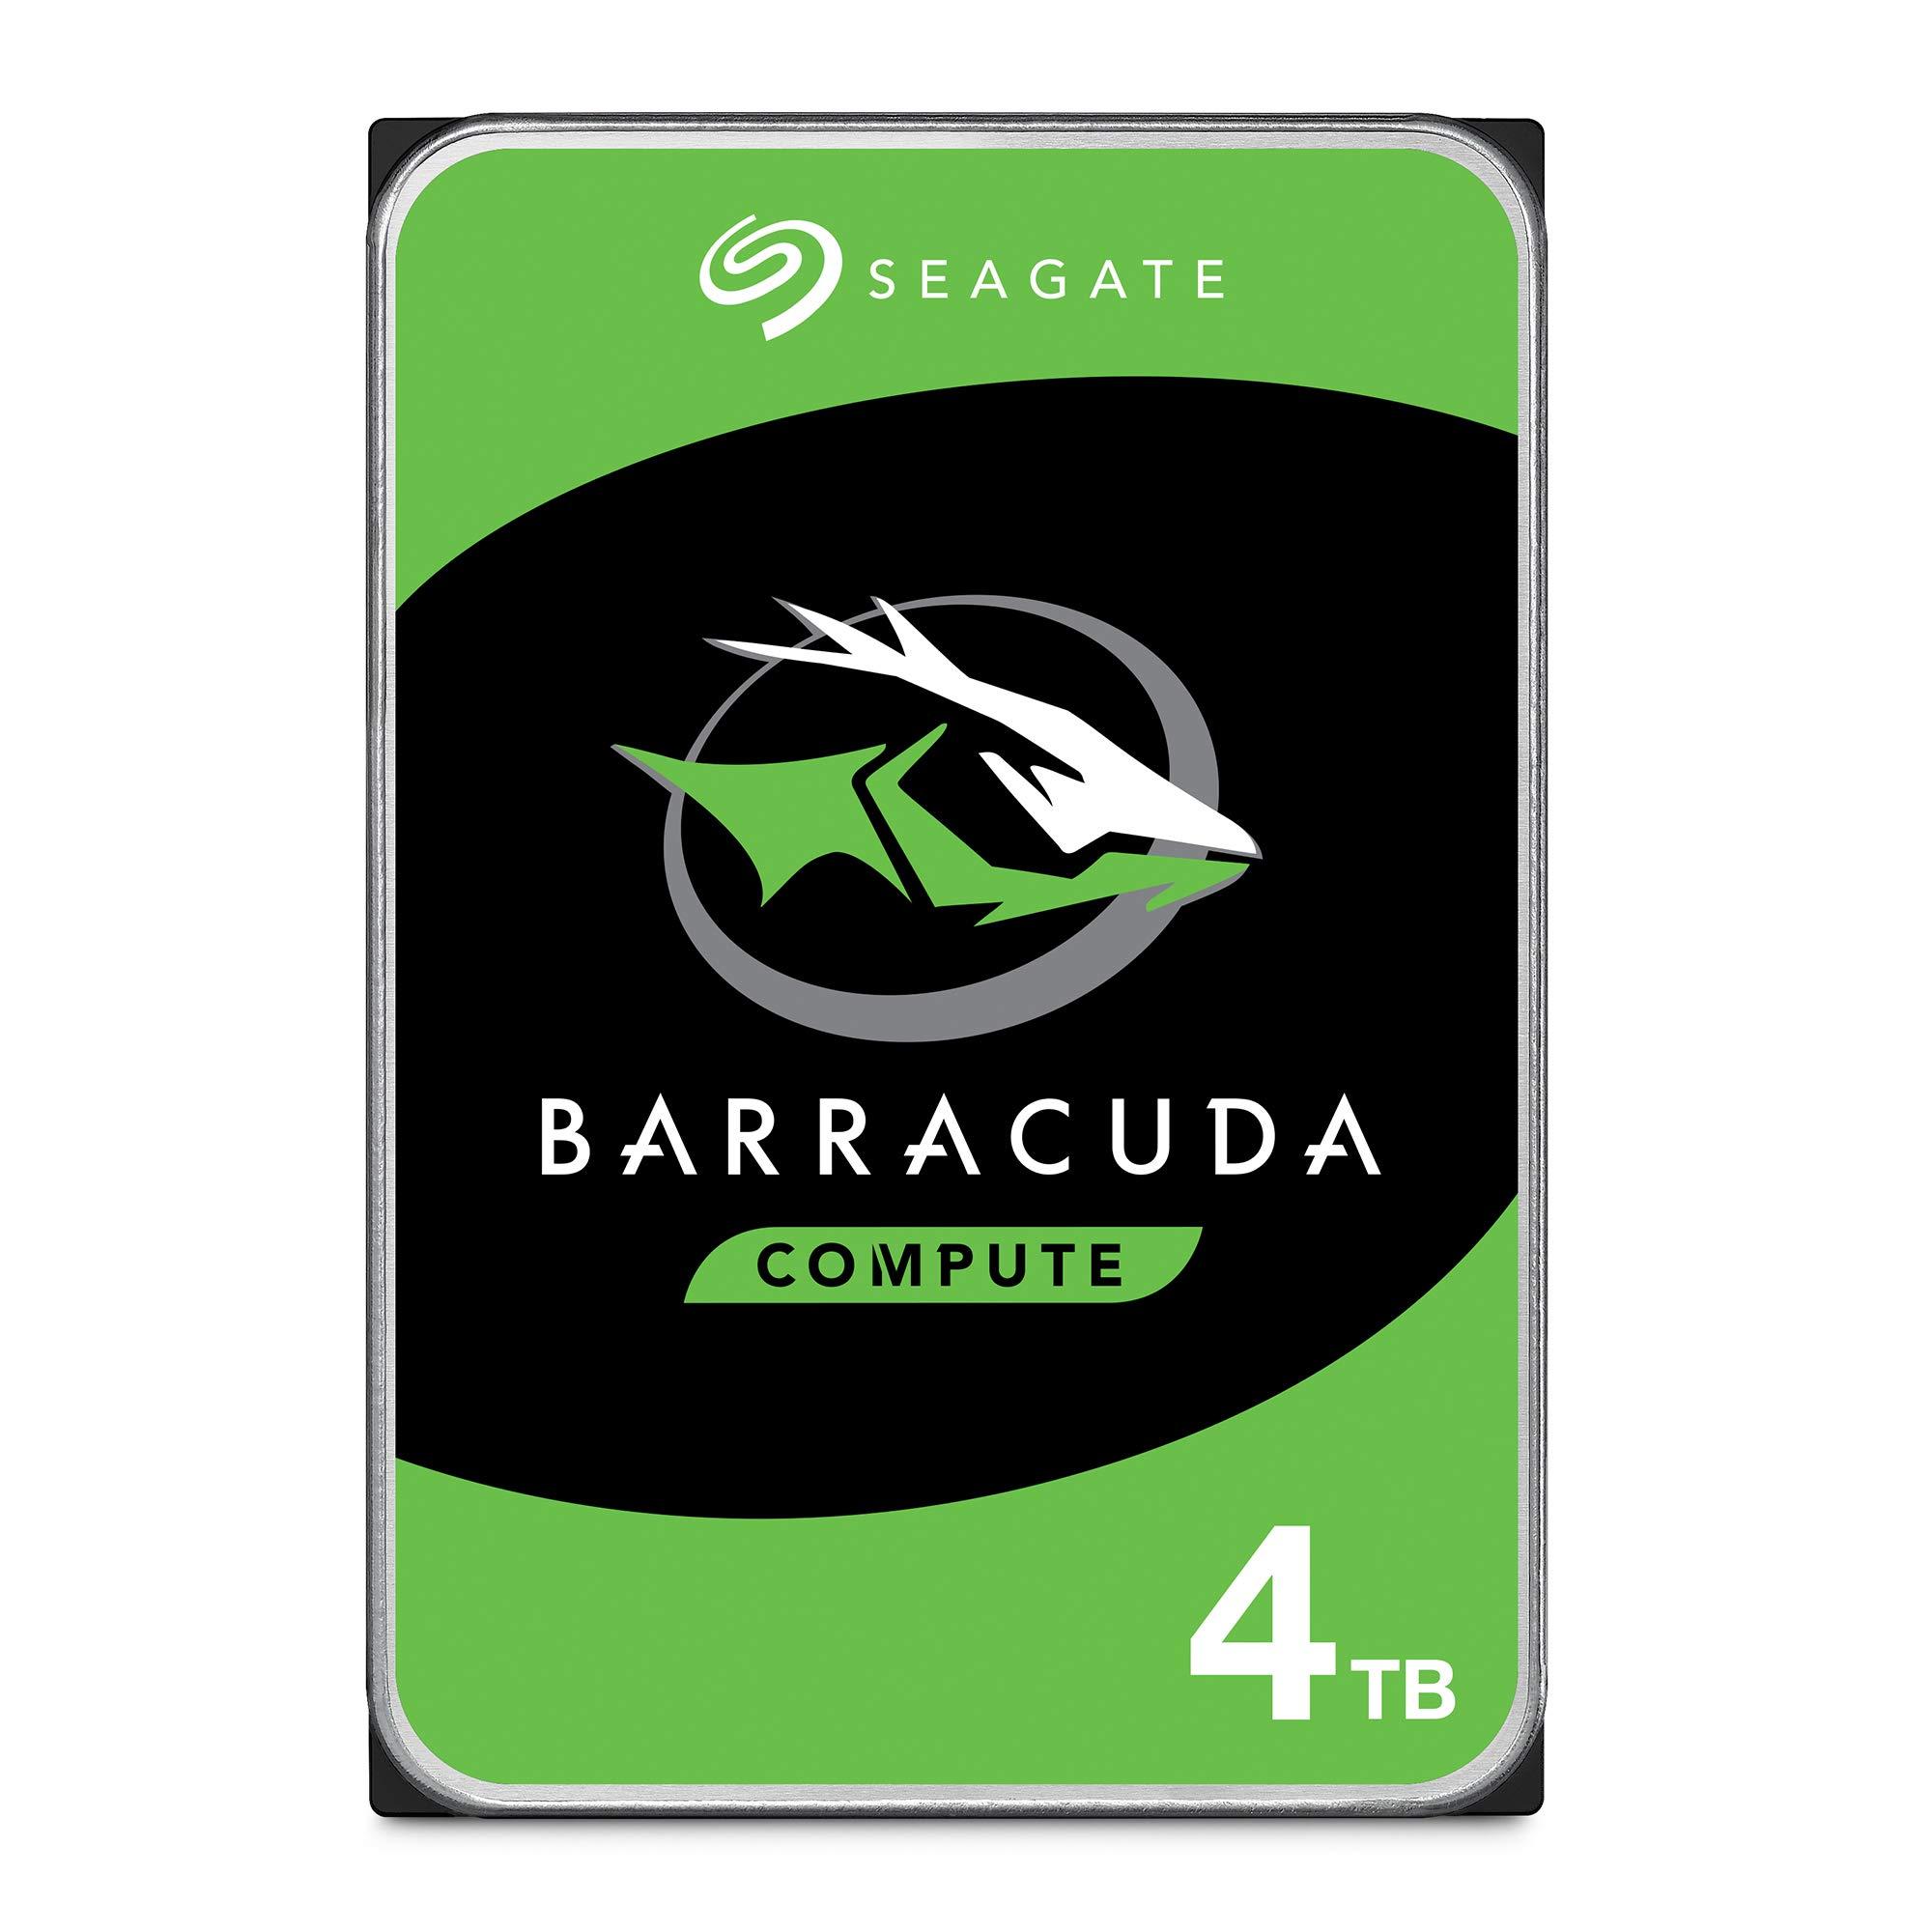 Seagate Barracuda Internal 3 5 Inch ST4000DM004